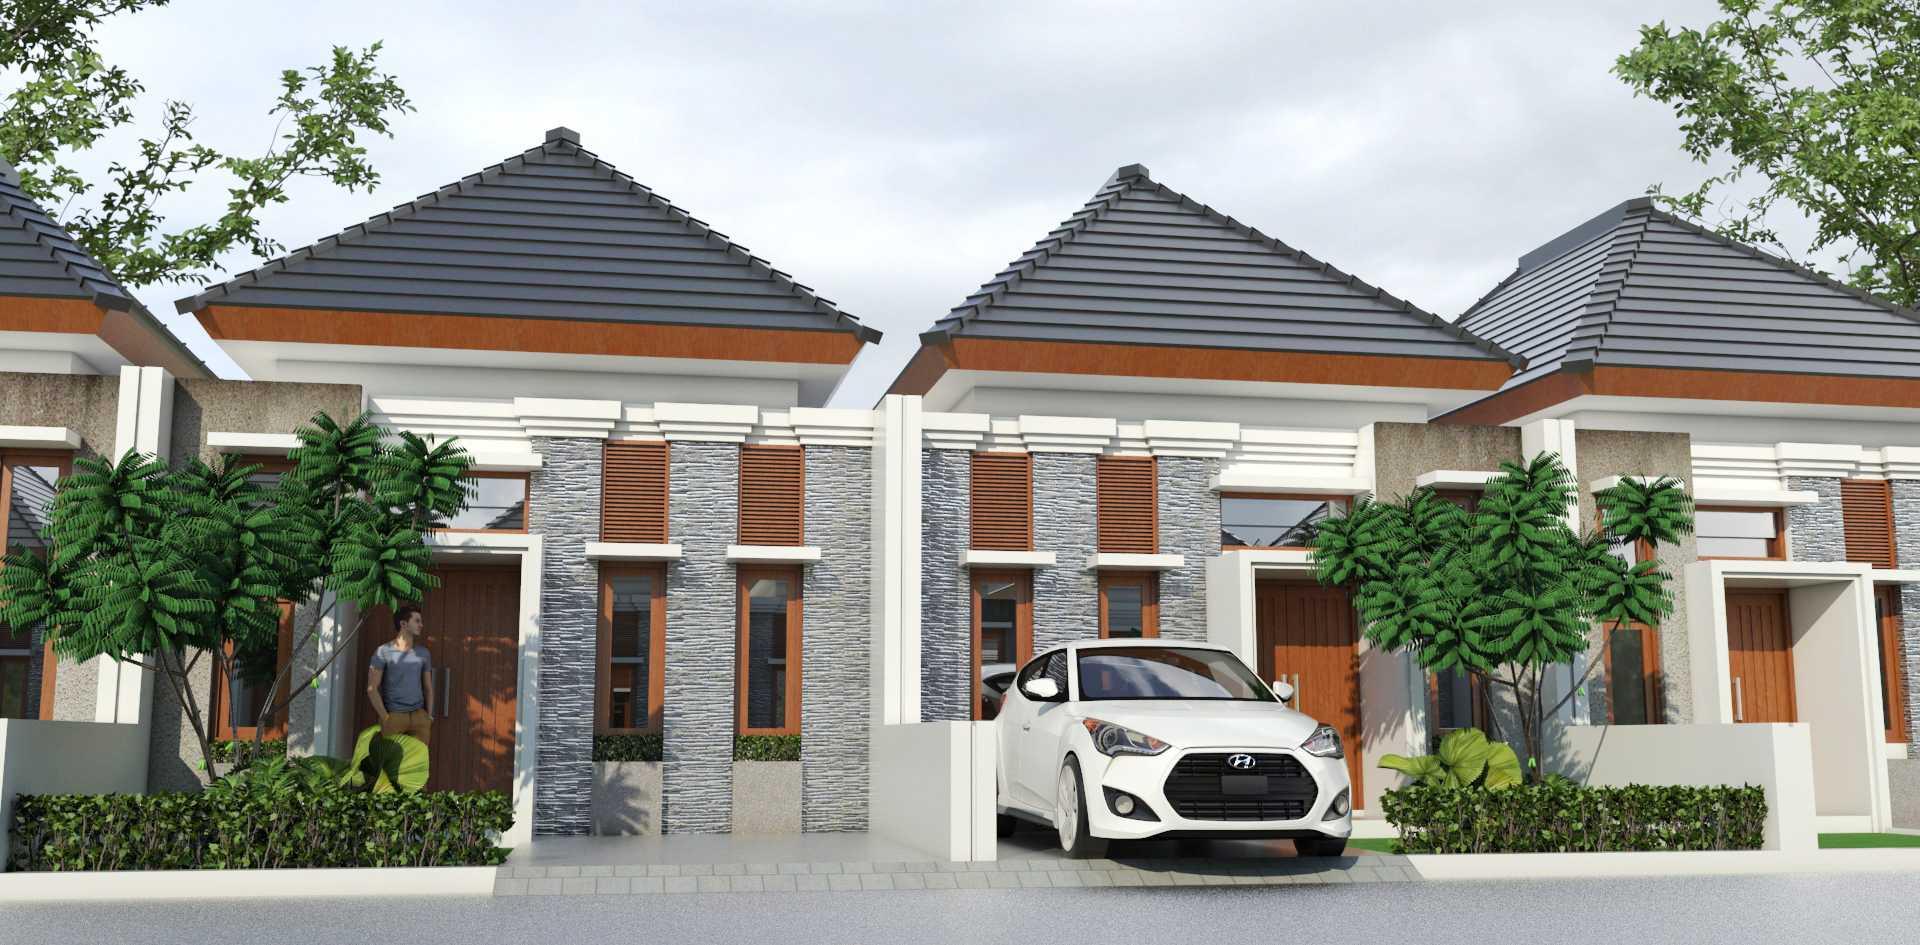 Mannor Architect Premium Cluster Modern Bogor, Jawa Barat, Indonesia Bogor, Jawa Barat, Indonesia Premium Cluster Modern - Front View Modern <P>Tampak Depan Rumah Dengan Model Fasade Bali Modern</p> 43881